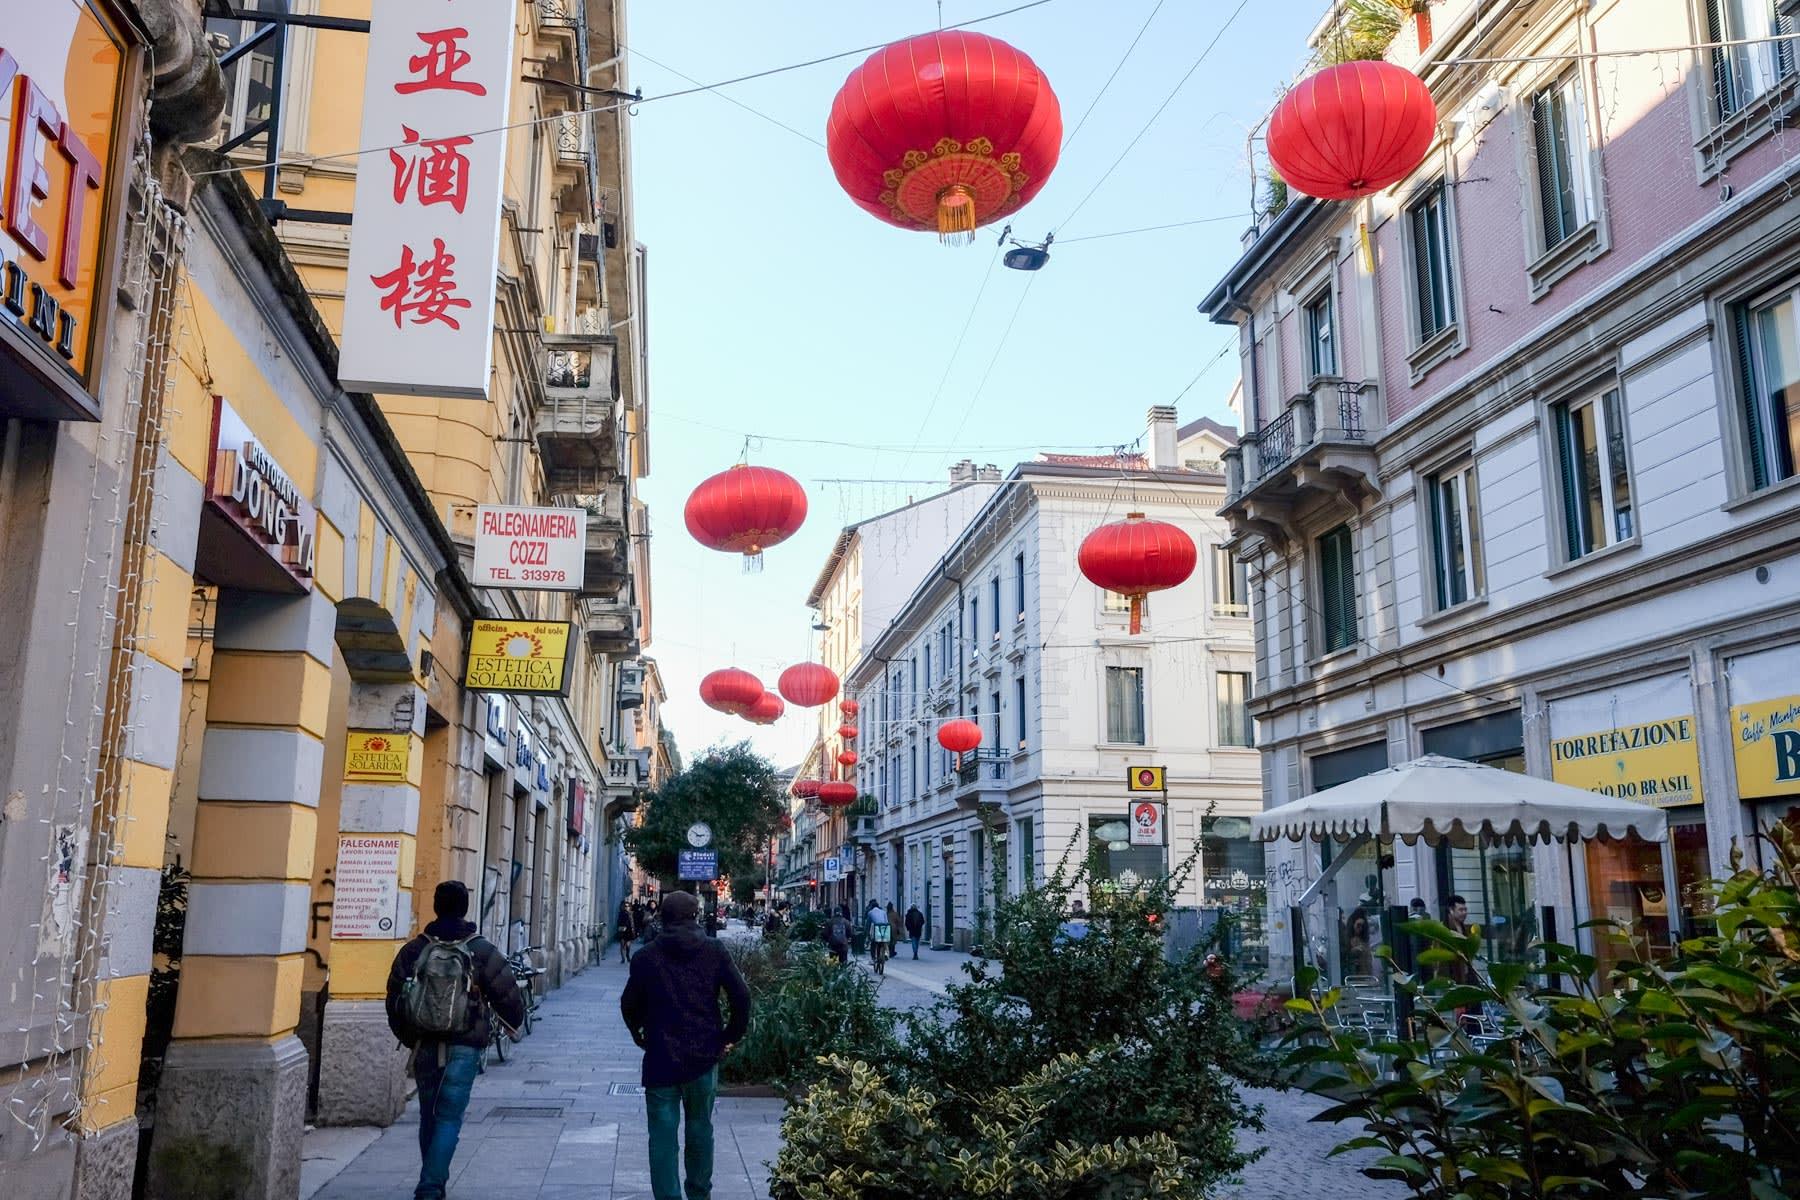 歩いている限りは普段と変わらないミラノの中華街